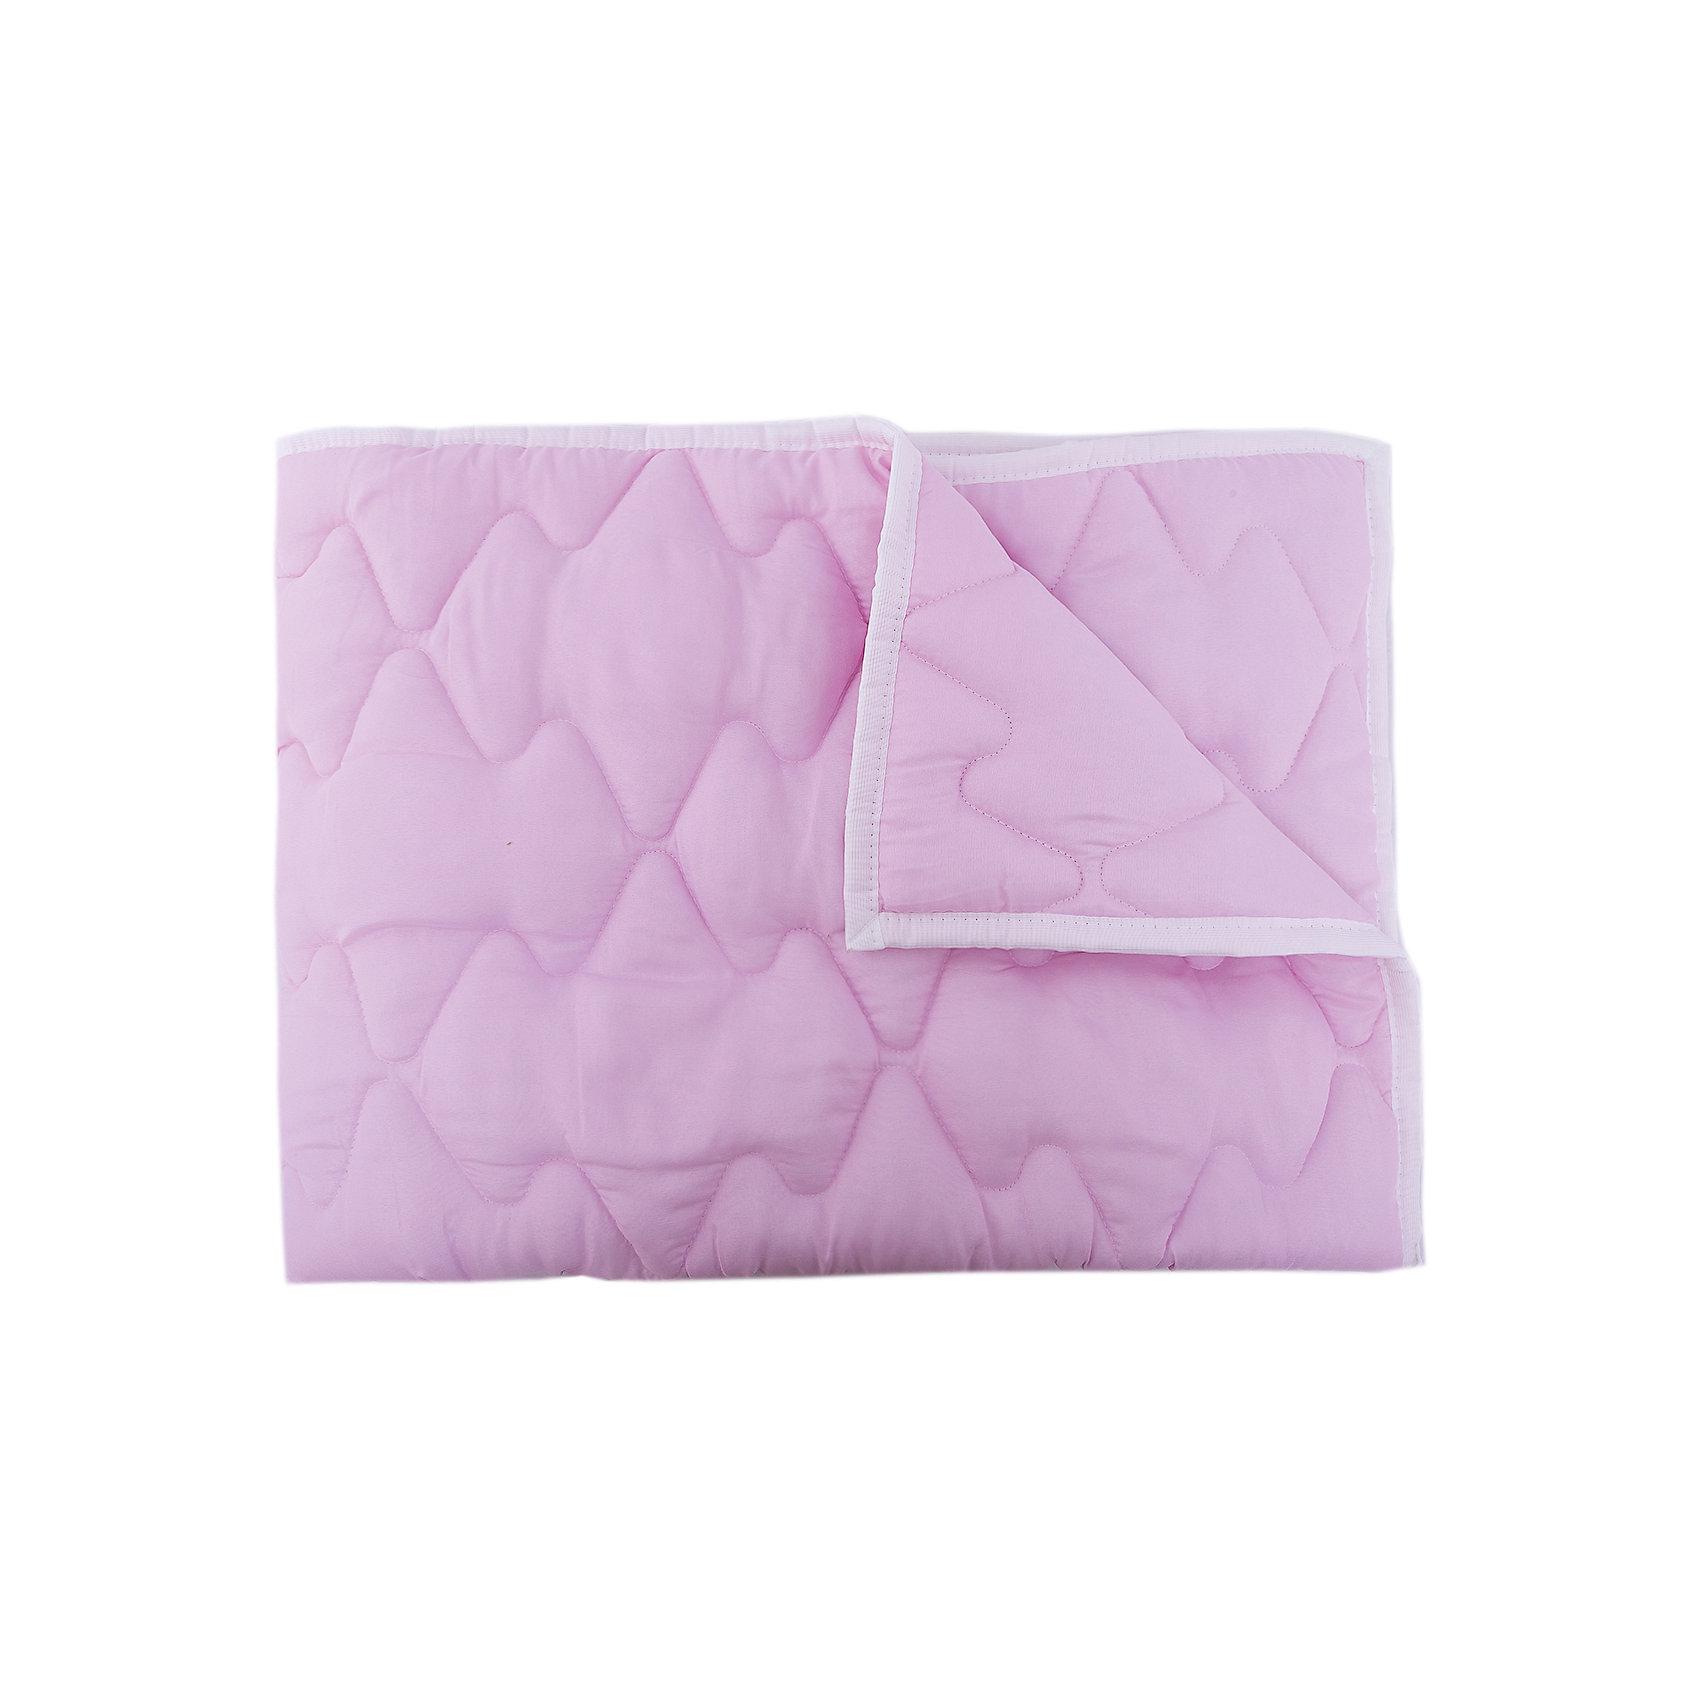 Одеяло стеганное, 105х140 см, плотность 300, Baby Nice, белыйОдеяла, пледы<br>Дополнительная информация:<br><br>Наполнитель файбер (Плотность 300).<br>Размер 105х140 см<br>Вес в упаковке: 500 г.<br>Размер упаковки: 600 х 700 х 200 мм.<br><br>Одеяло стеганное, 105х140 см можно купить в нашем магазине.<br><br>Ширина мм: 600<br>Глубина мм: 700<br>Высота мм: 200<br>Вес г: 500<br>Возраст от месяцев: 0<br>Возраст до месяцев: 60<br>Пол: Унисекс<br>Возраст: Детский<br>SKU: 3788249